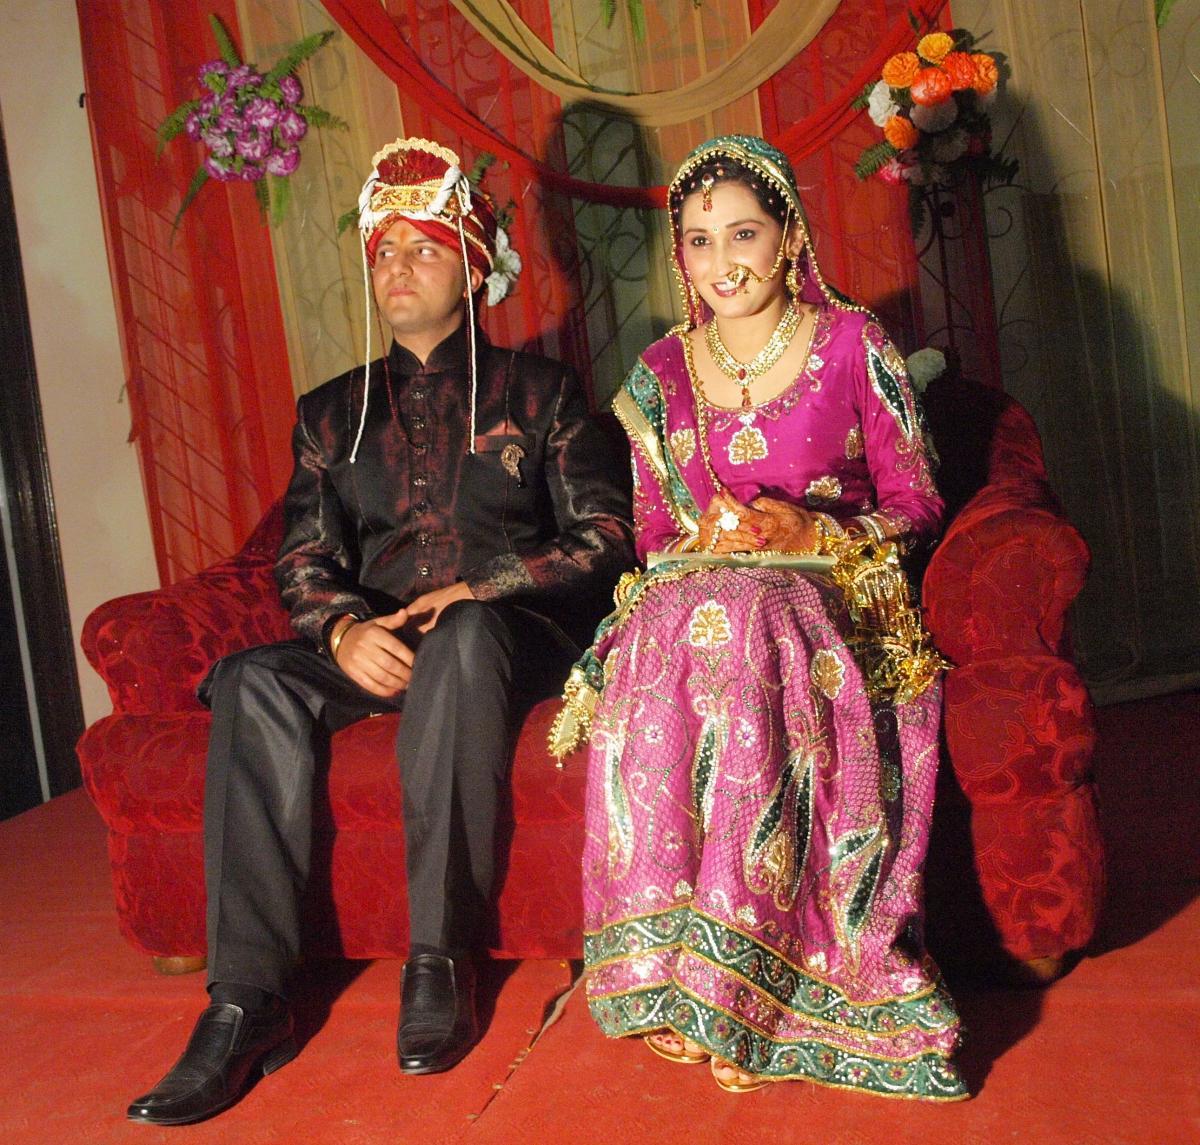 rencontre femme indou Ils se sont rencontres une de vos ils se sont rencontres sur les bancs de lecole fan signe farah bouzomita 56 rue des 8 muids mari regarde sa femme indou.